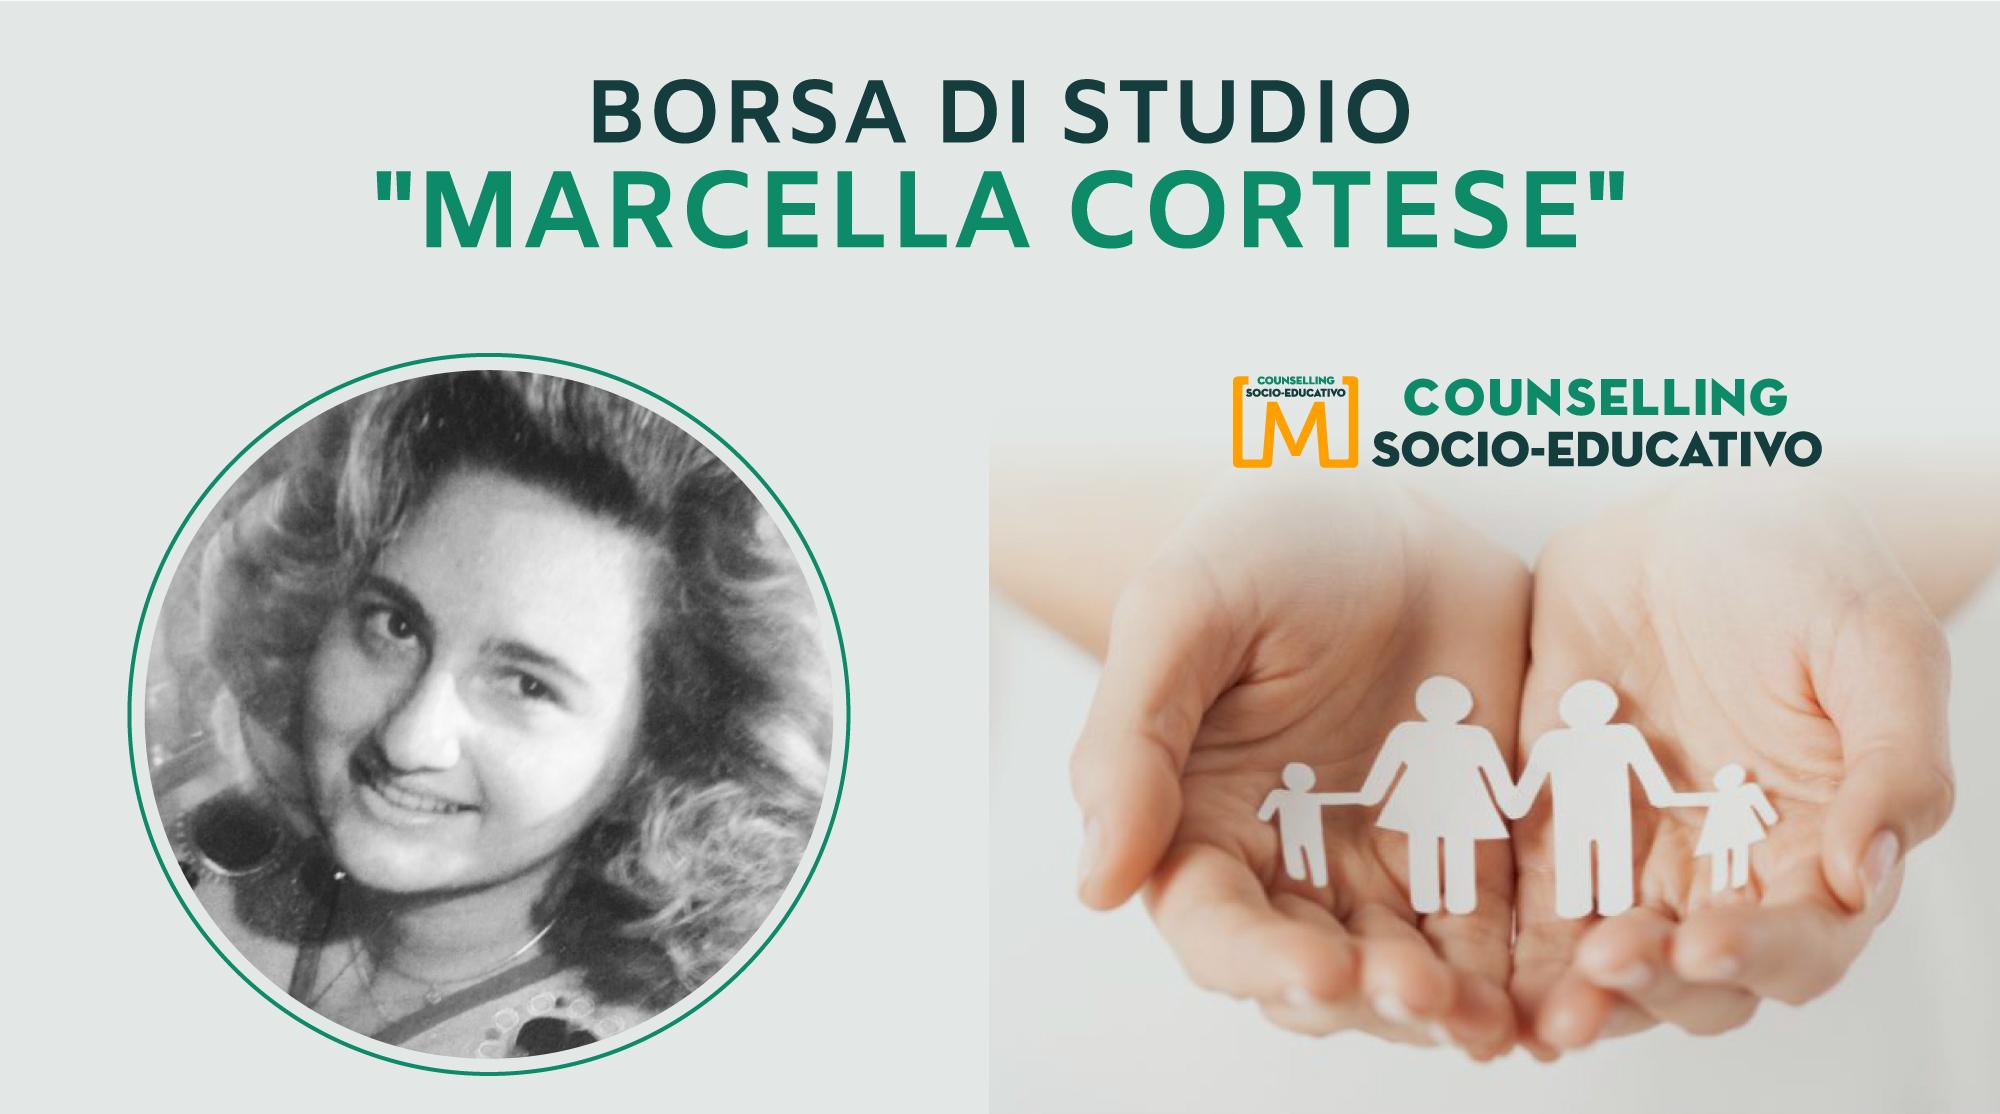 """Borsa di studio """"Marcella Cortese"""", per gli iscritti al Master Socio-Educativo"""